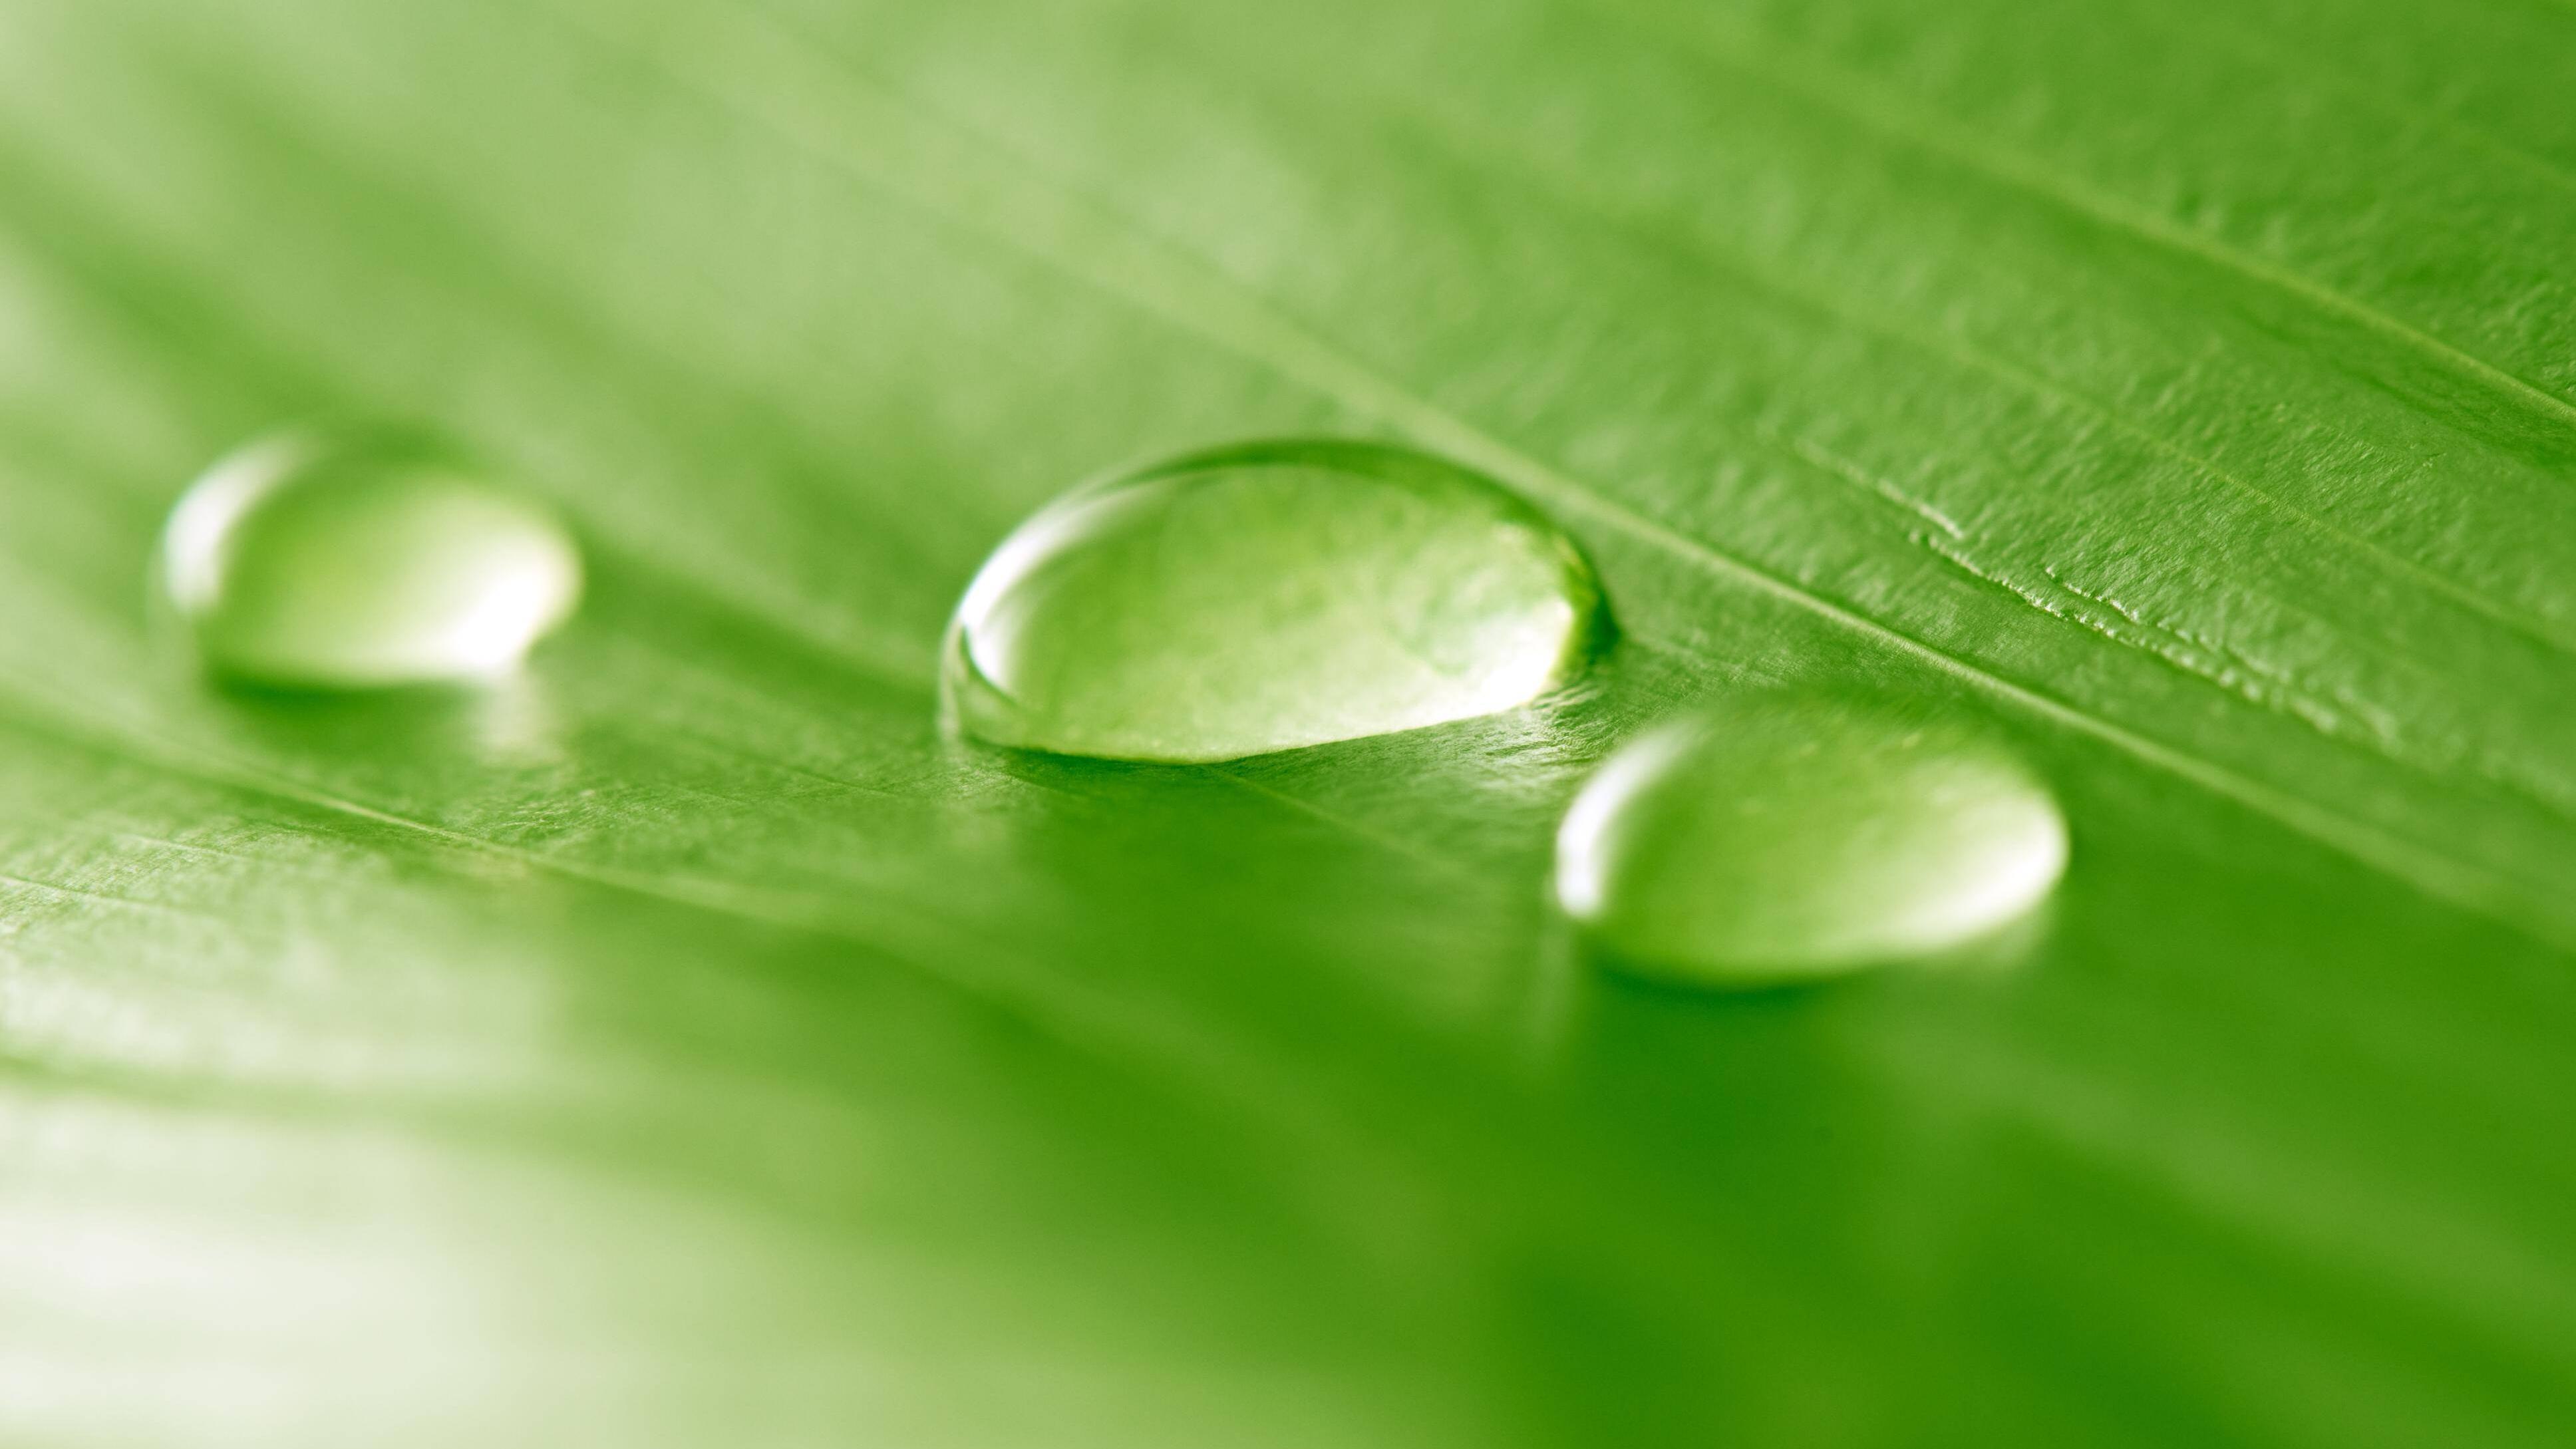 Chlorophyll Tropfen: Wirkung des grünen Pflanzenfarbstoffs und mögliche Nebenwirkungen